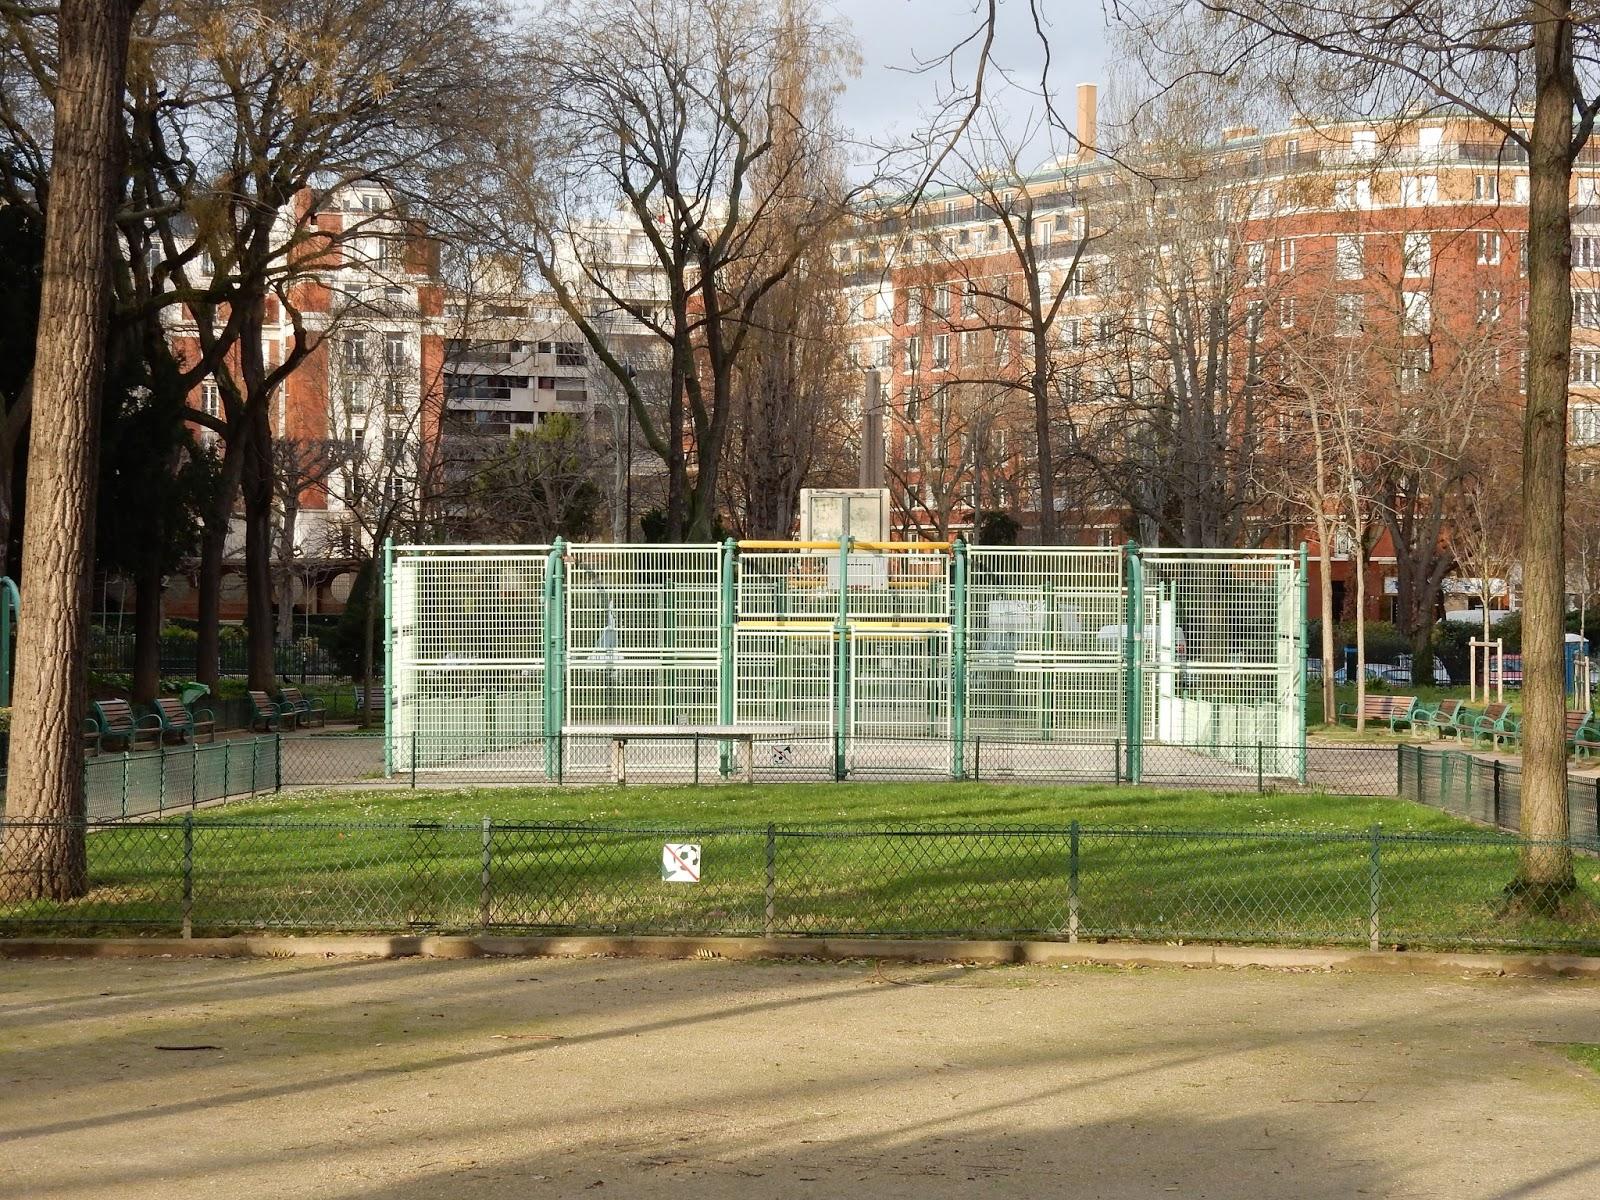 Gr gory capra les parcs et jardins de paris bient t - Parcs et jardins de paris ...